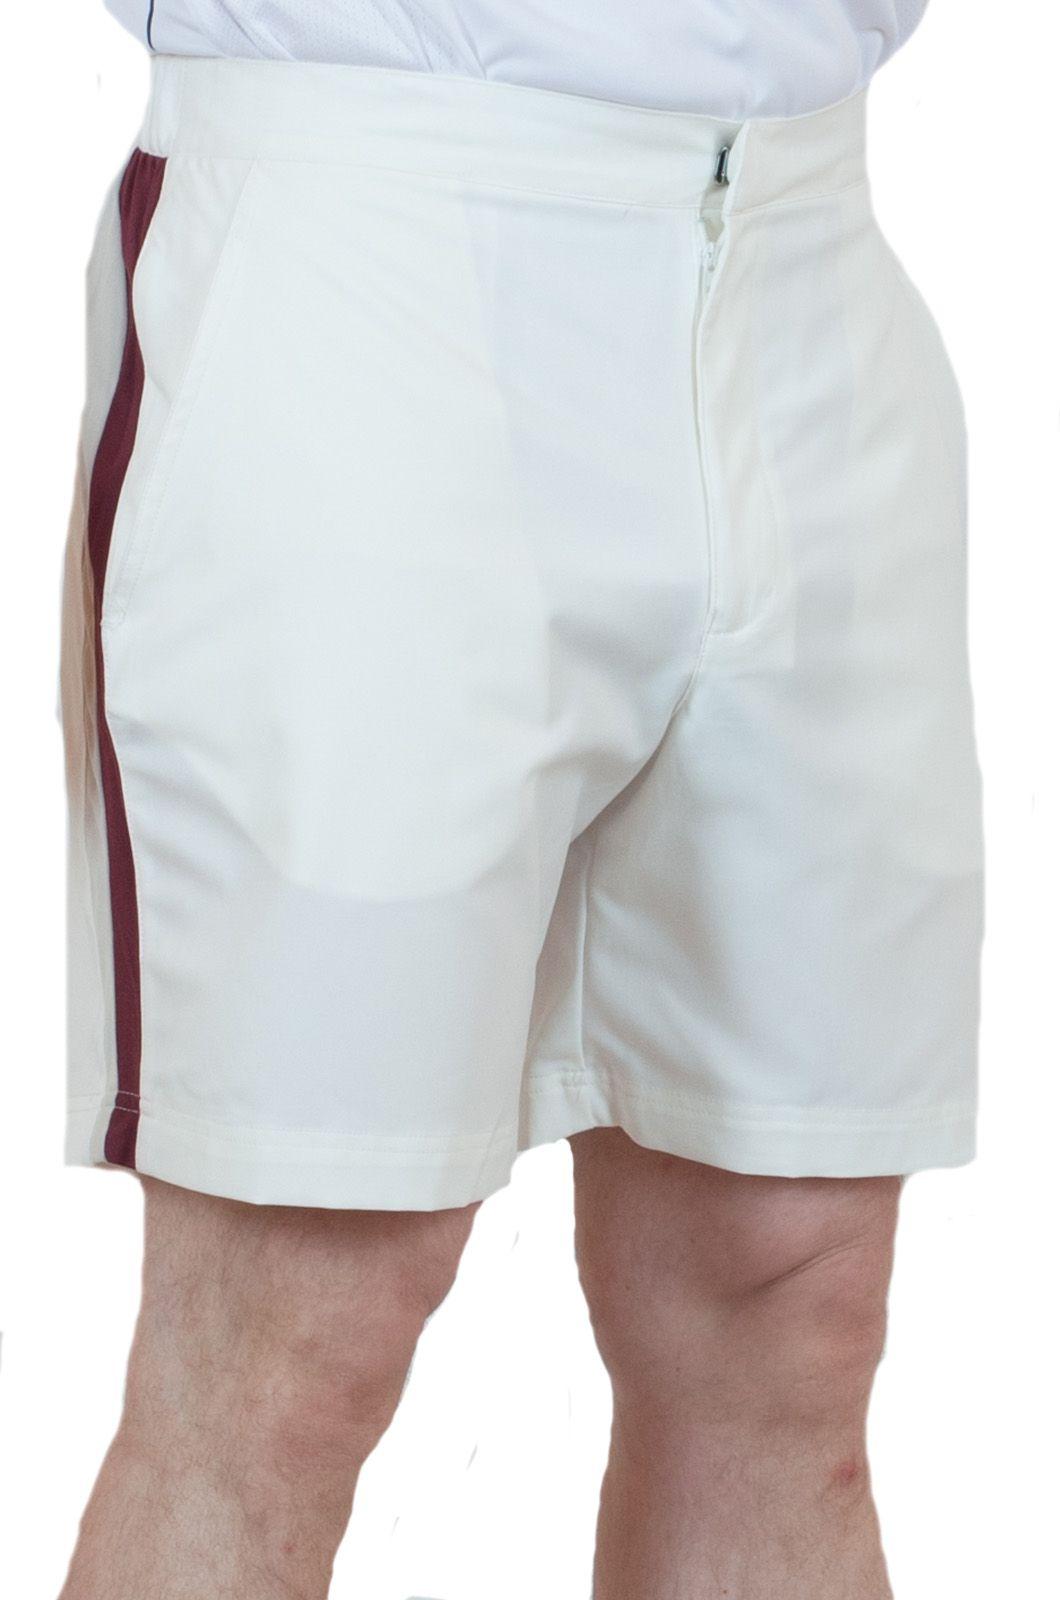 Мужские теннисные шорты белого цвета - вид спереди